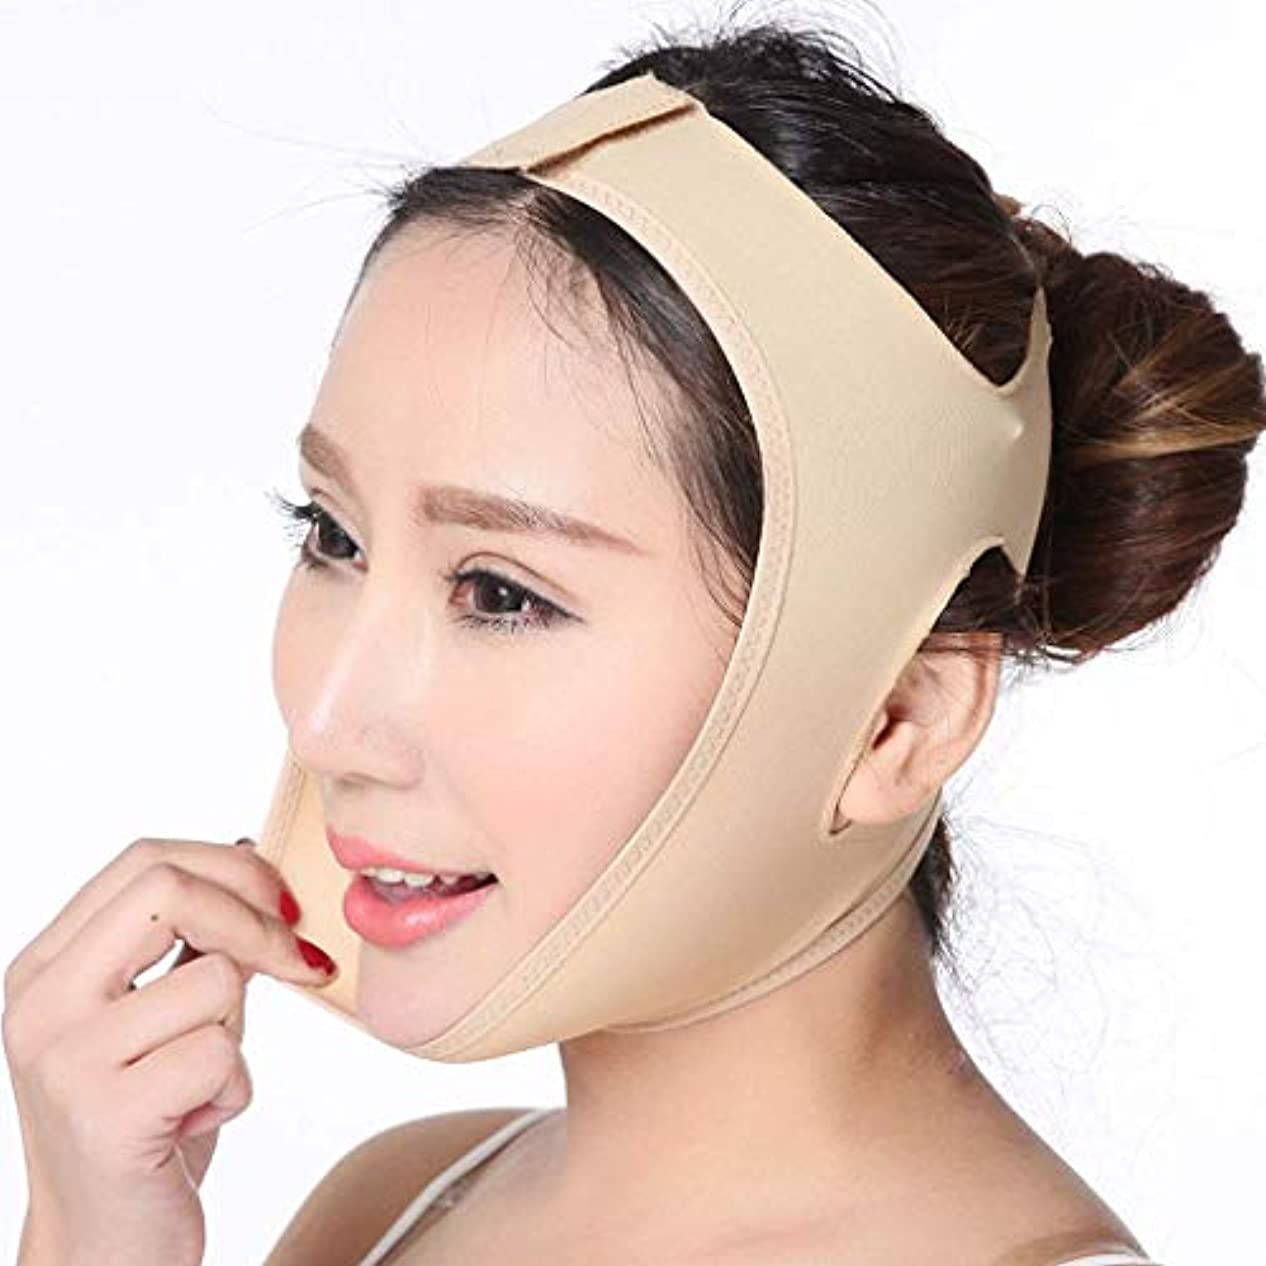 特権苦行夜間フェイスリフティング包帯、スリムマスク頬紅顔/痩身包帯をスリミング睡眠とV顔は、二重あご通気性、肌を減らす (XXL)